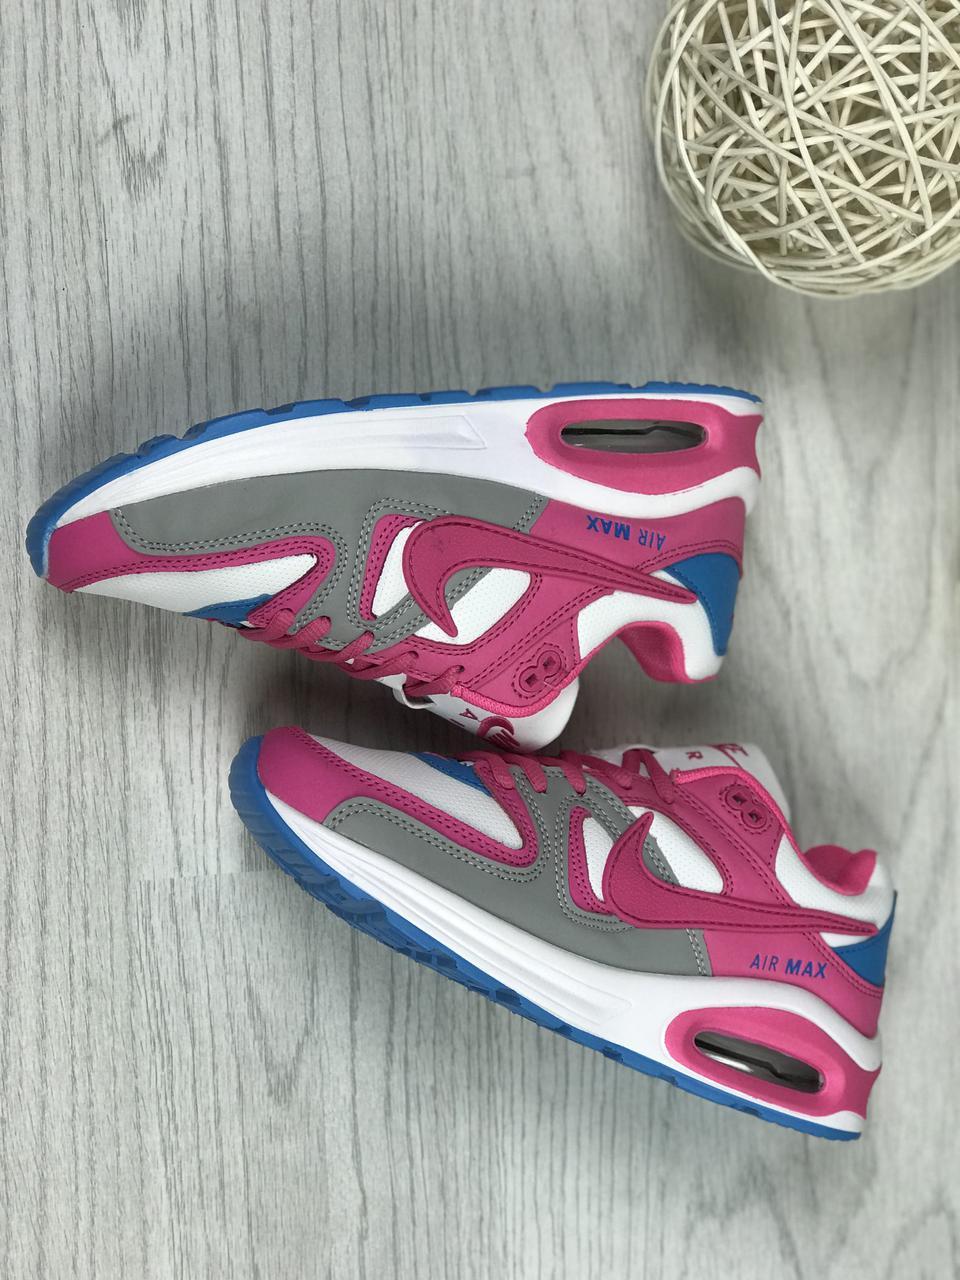 4646b7c2 Женские кроссовки Nike Air Max белые с малиновым (Реплика ААА+) - bonny-